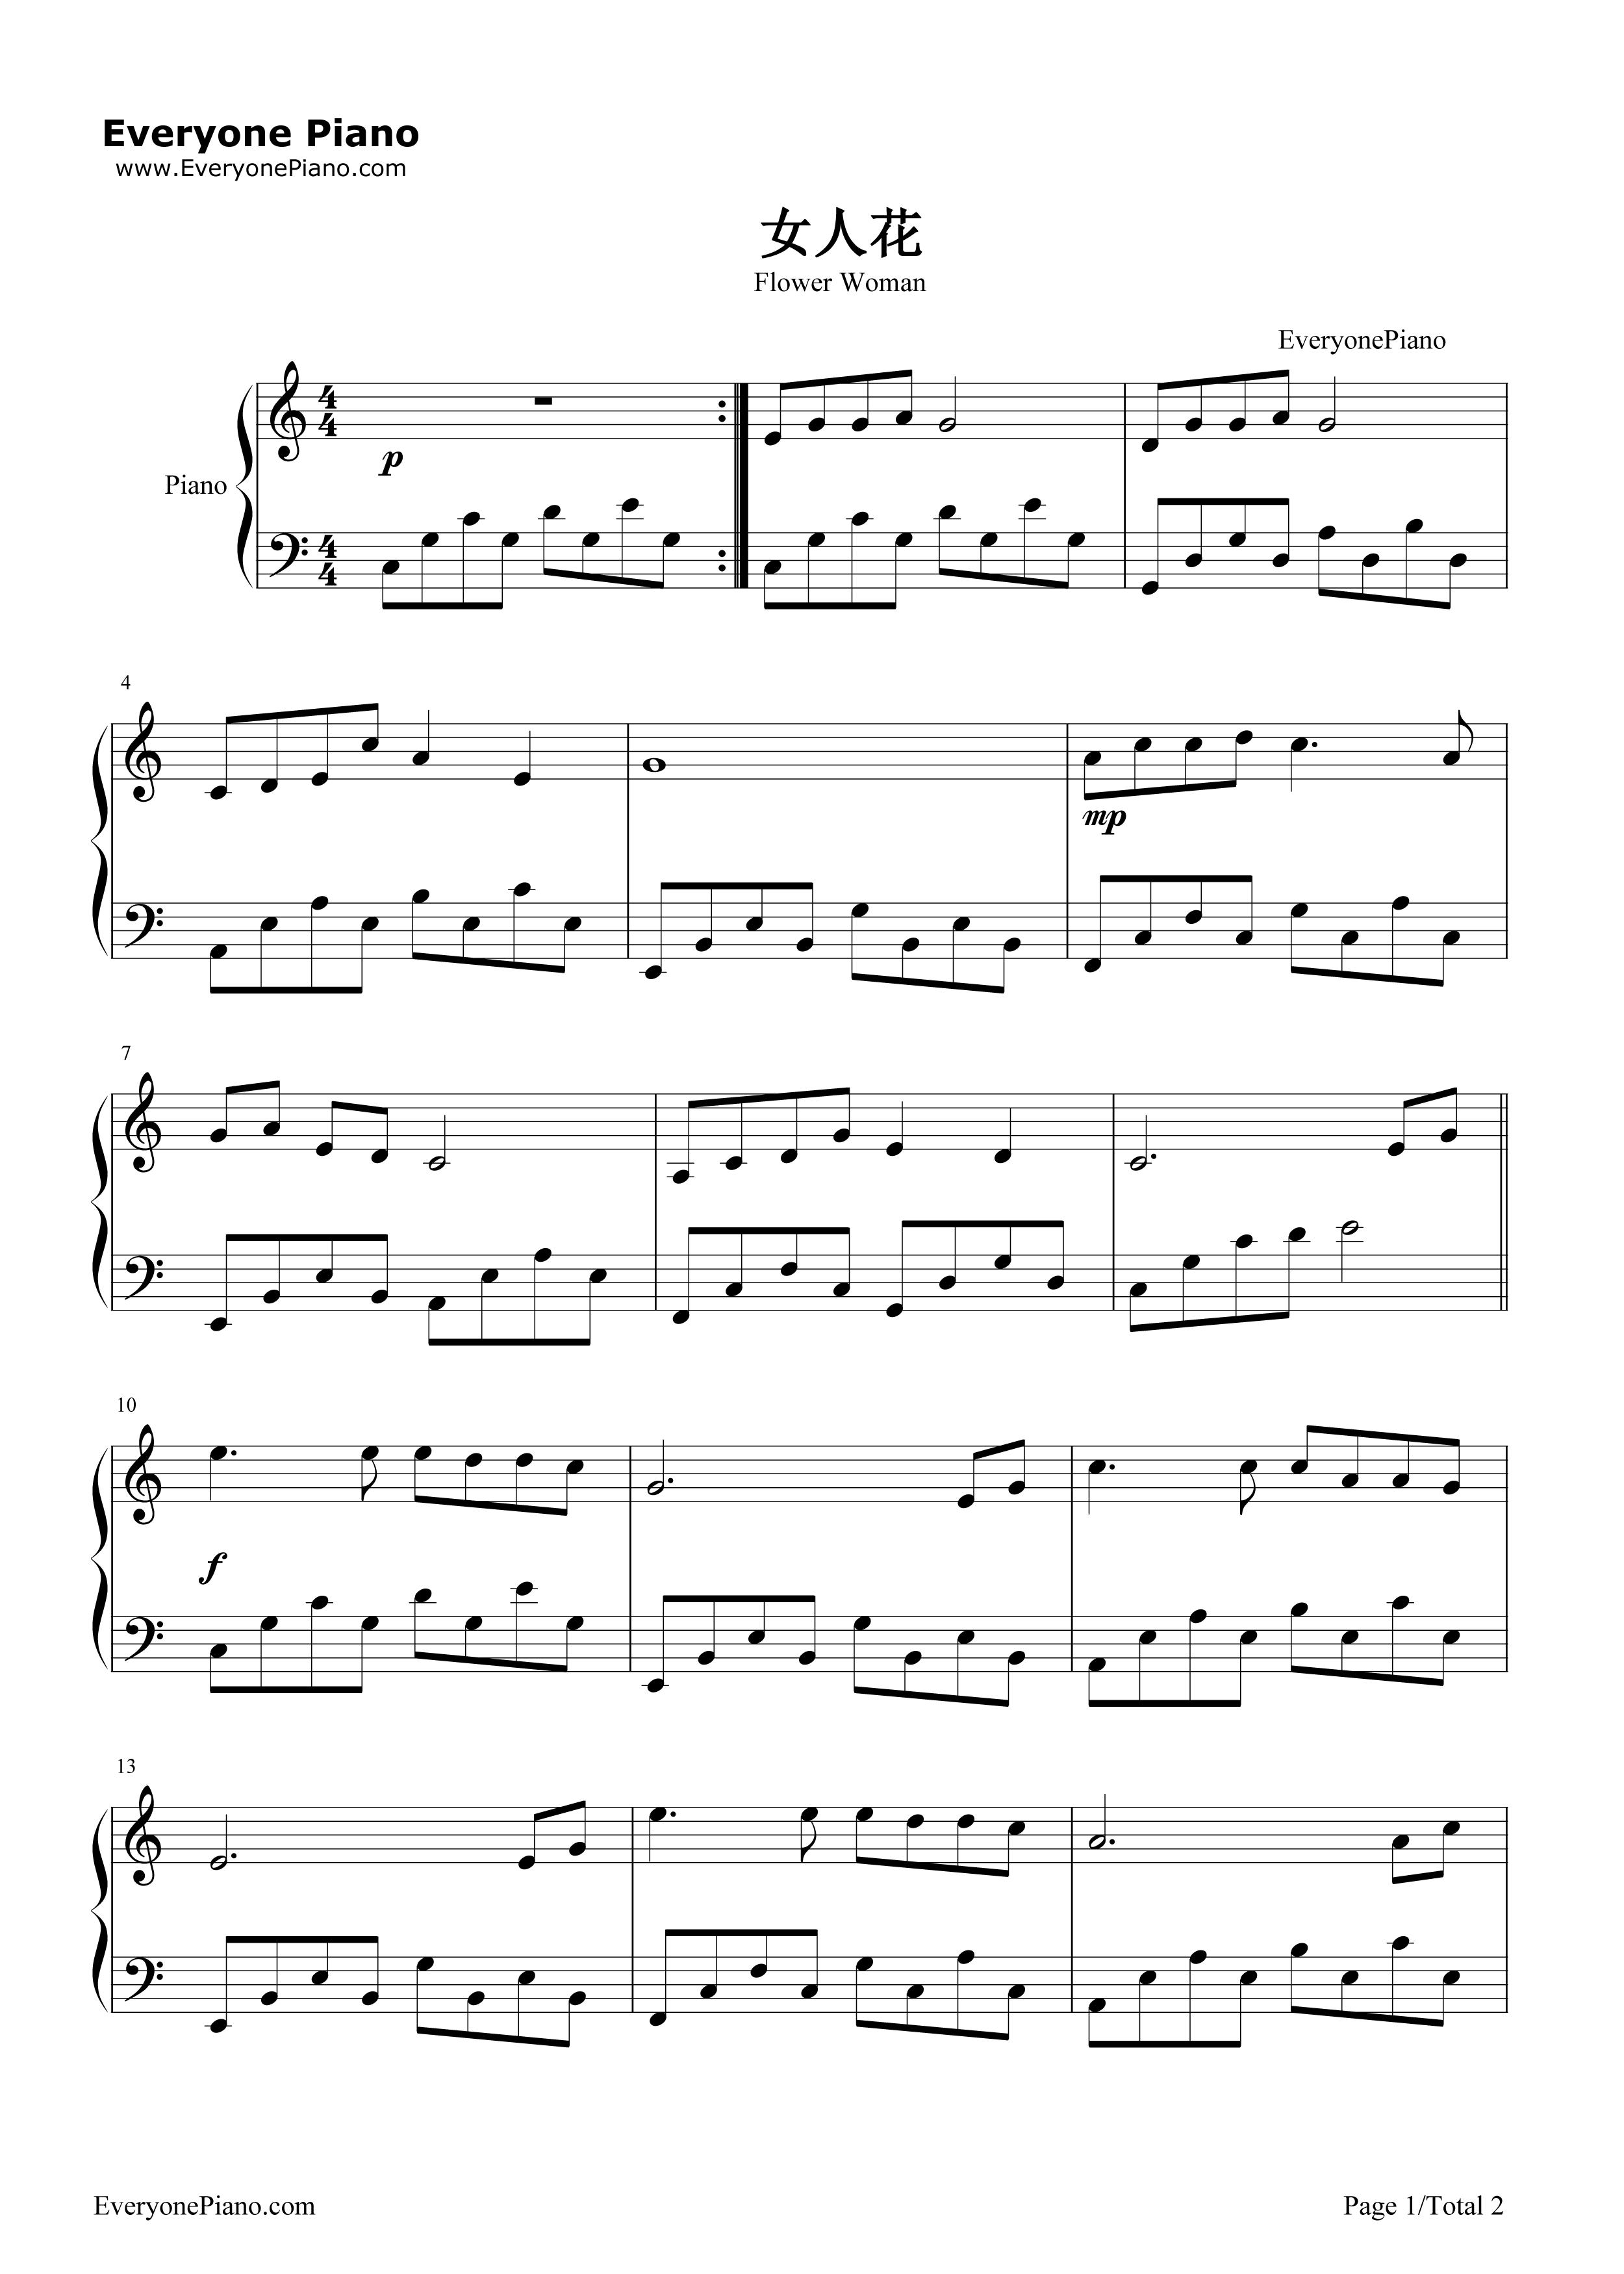 女人花-梅艳芳五线谱预览1-钢琴谱档(五线谱,双手简谱